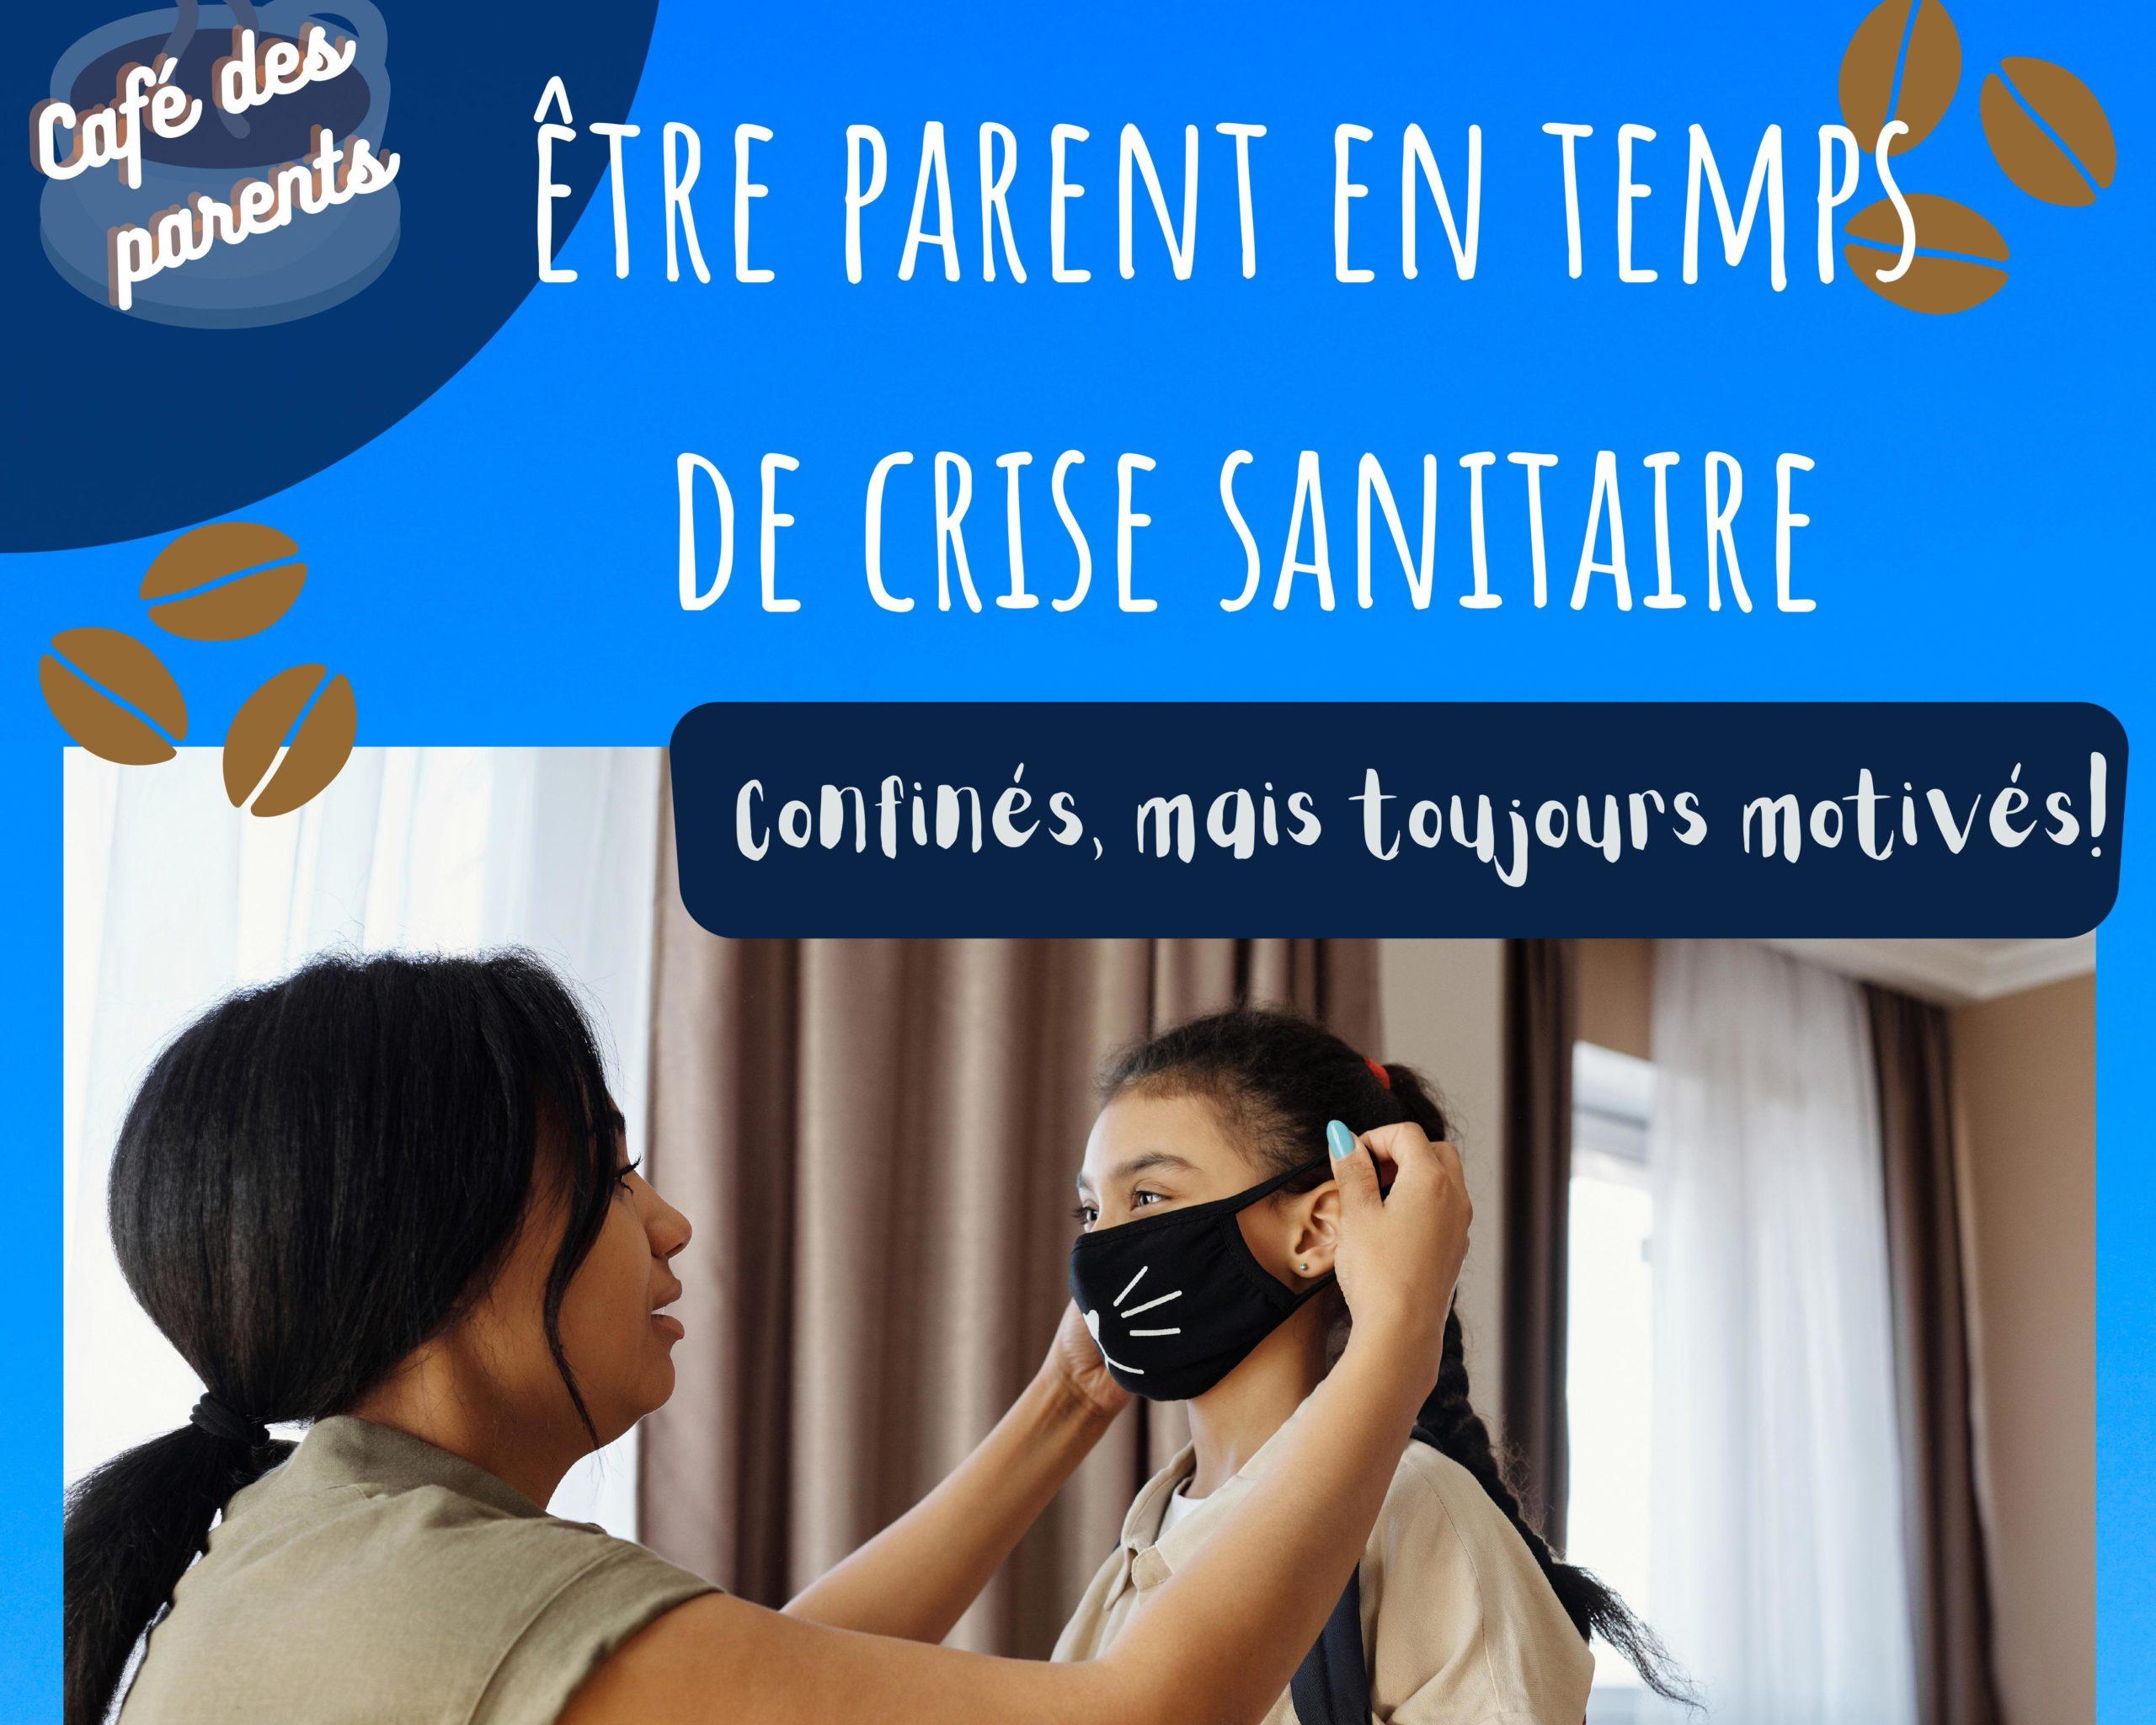 Café des parents : Être parent en temps de crise sanitaire